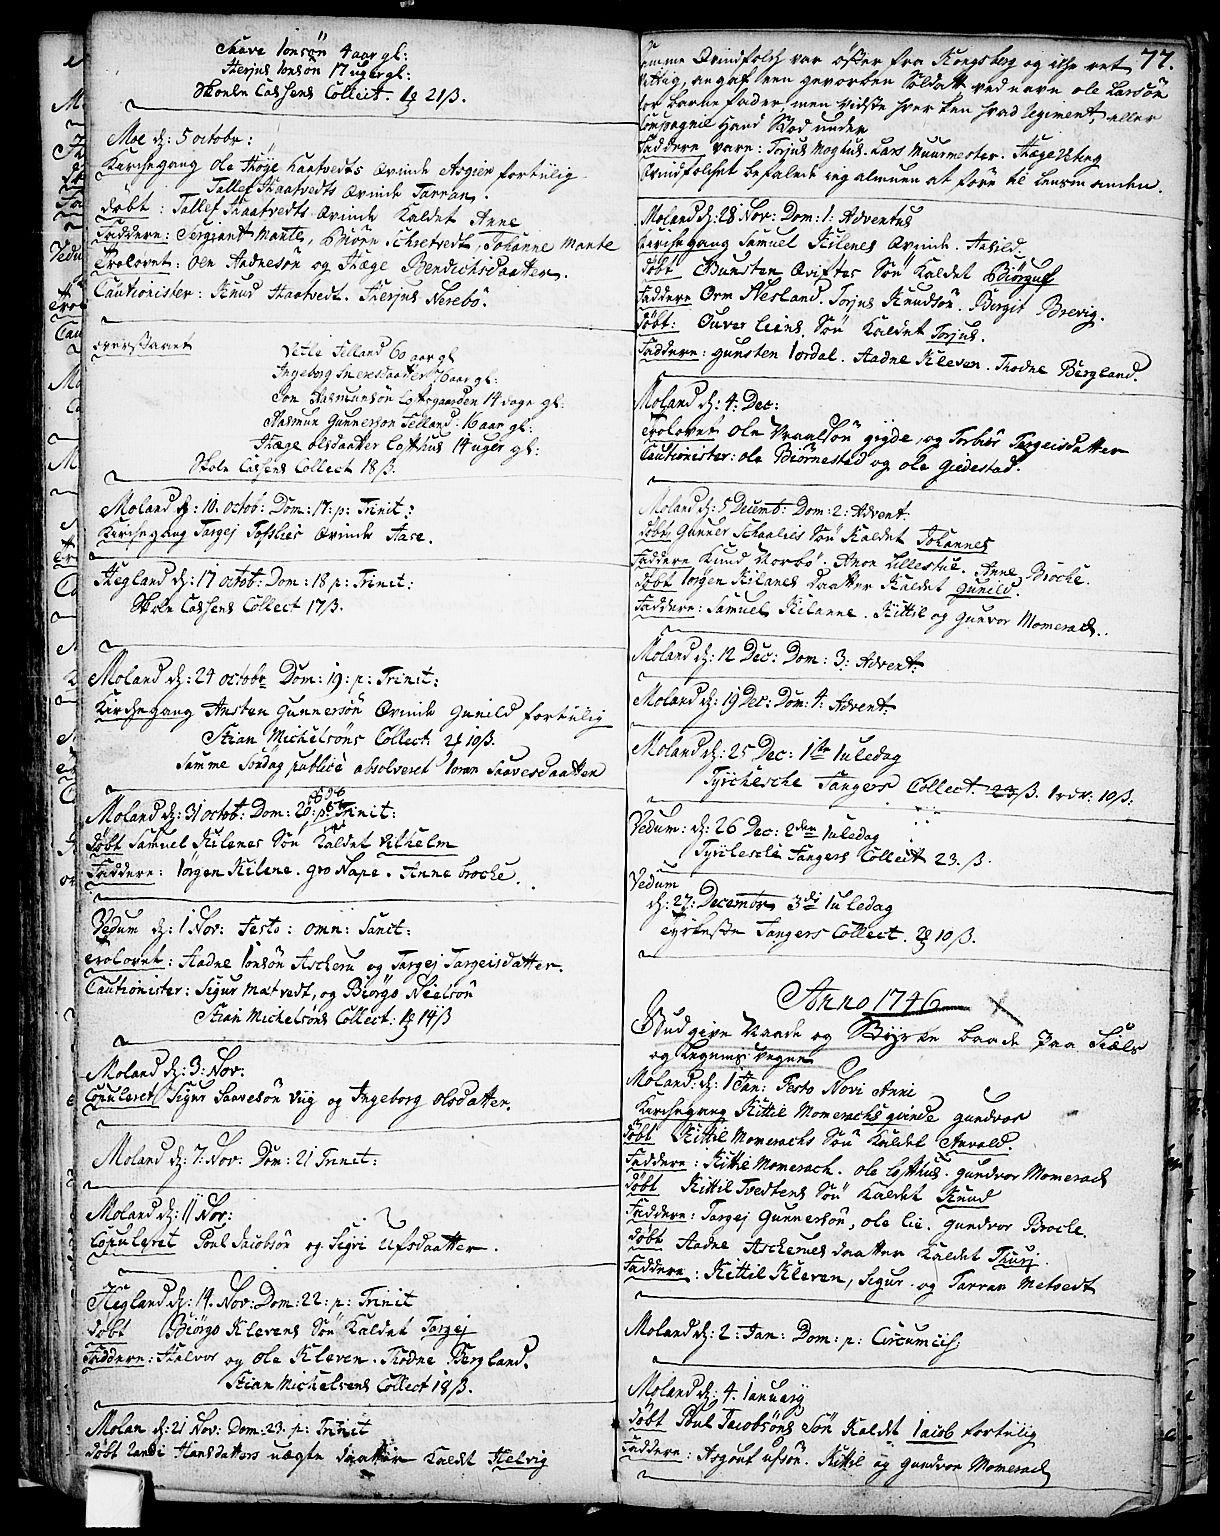 SAKO, Fyresdal kirkebøker, F/Fa/L0001: Ministerialbok nr. I 1, 1724-1748, s. 77